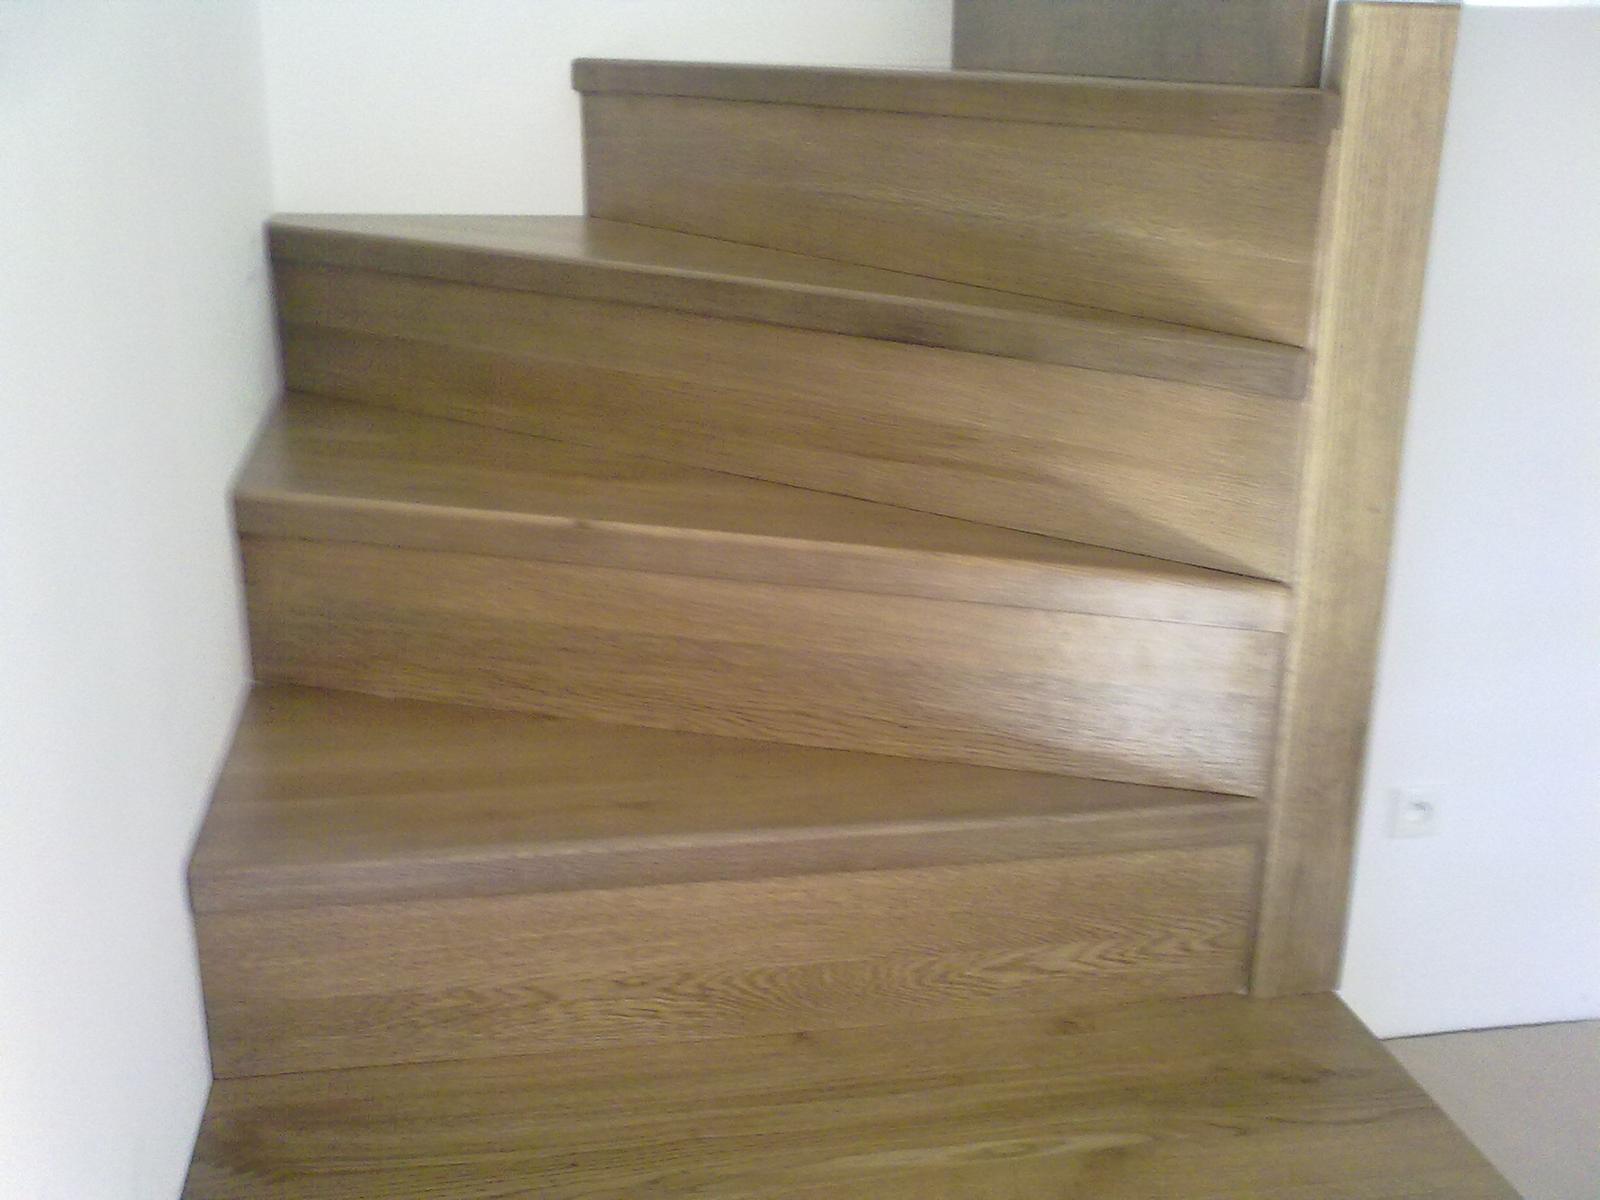 schody  - Obrázok č. 3